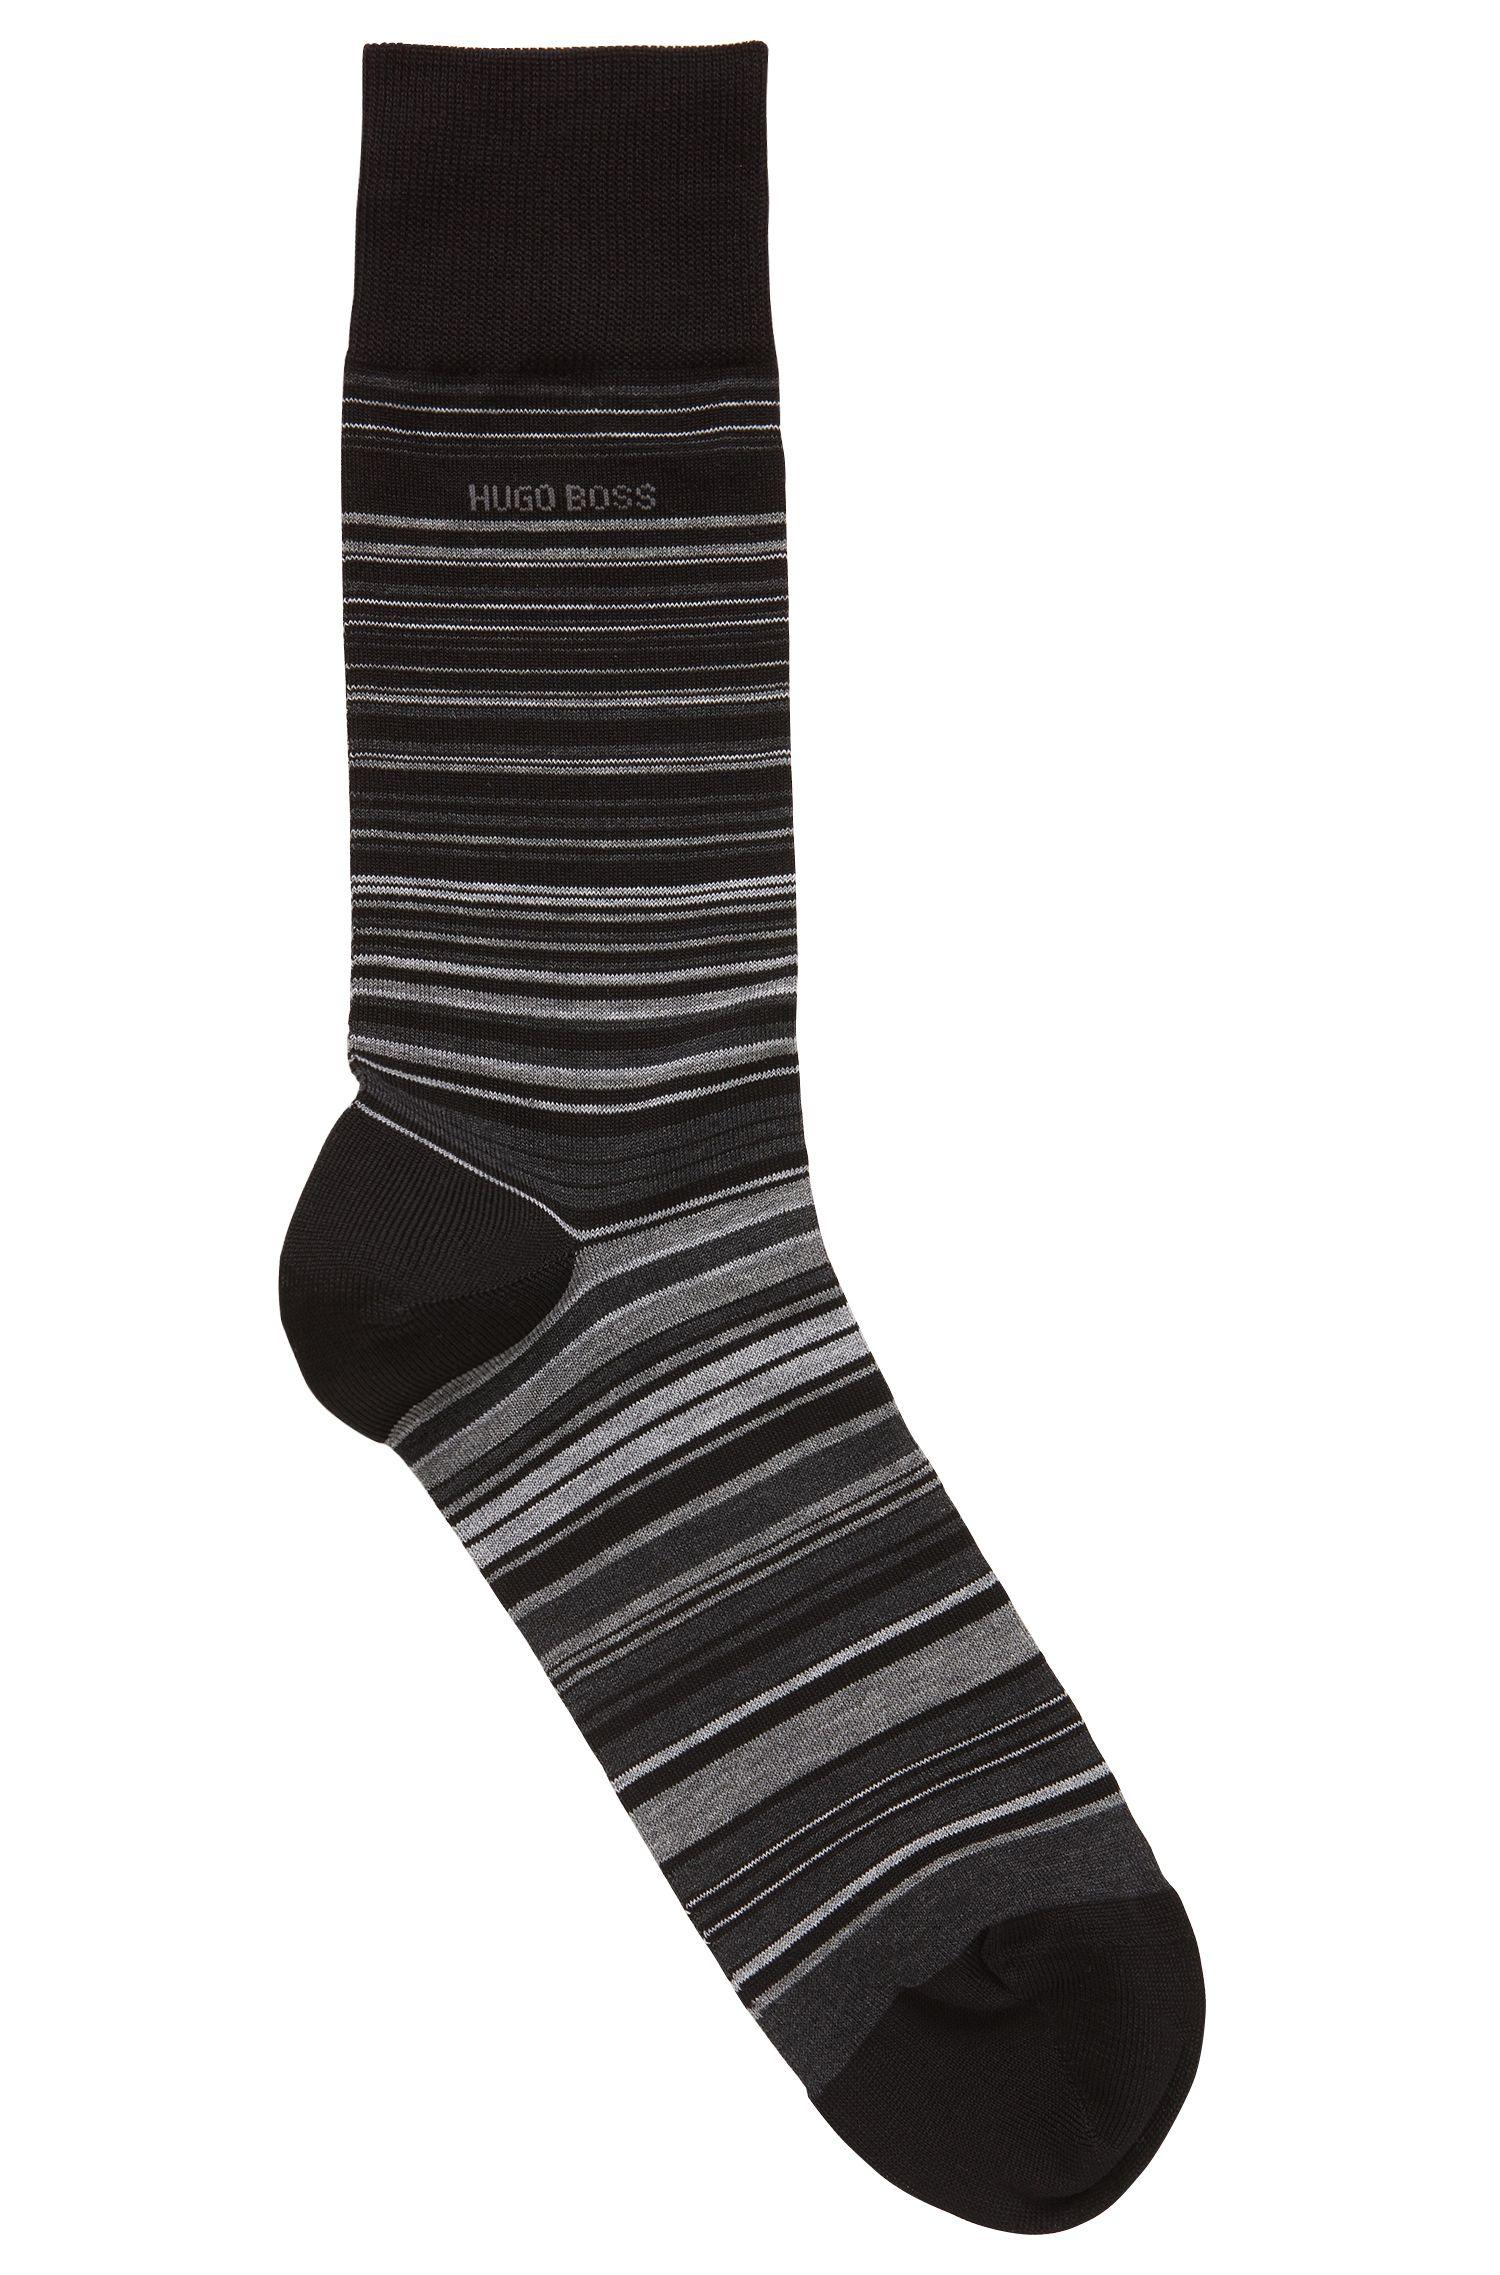 Chaussettes mi-mollet en coton mélangé mercerisé à rayures, Noir